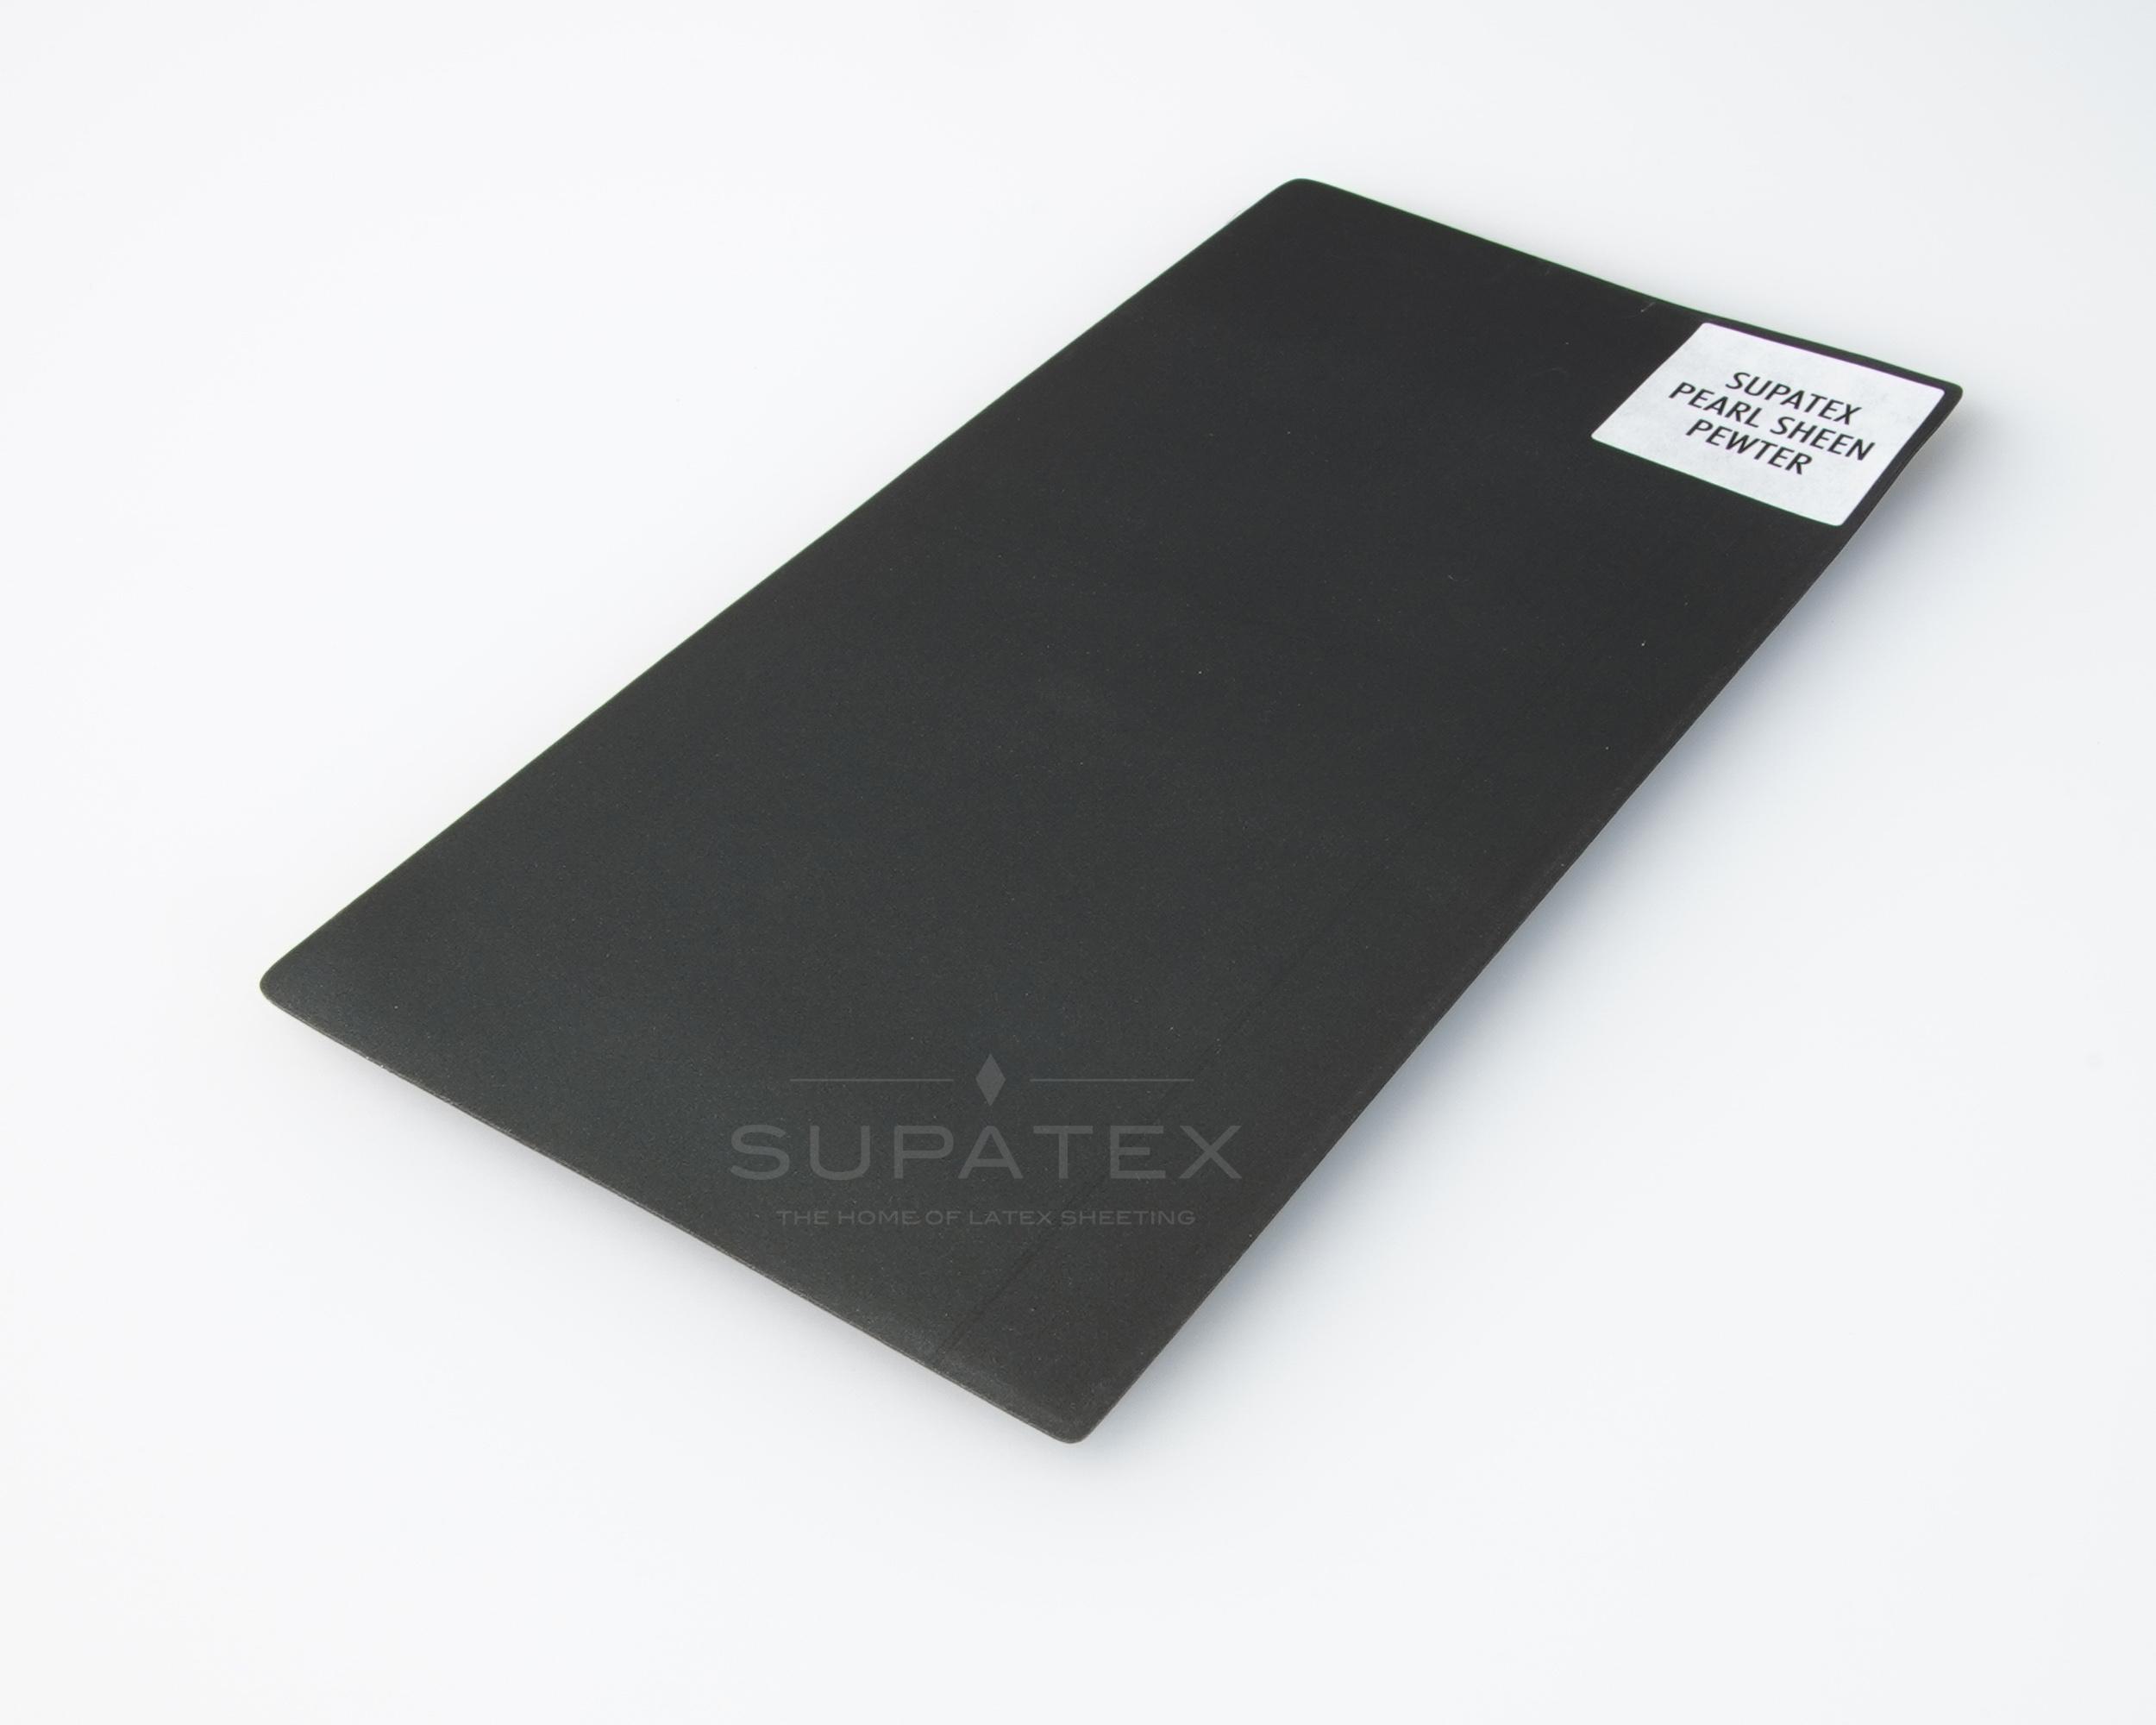 Supatex Pearlsheen Pewter 0.33 mm